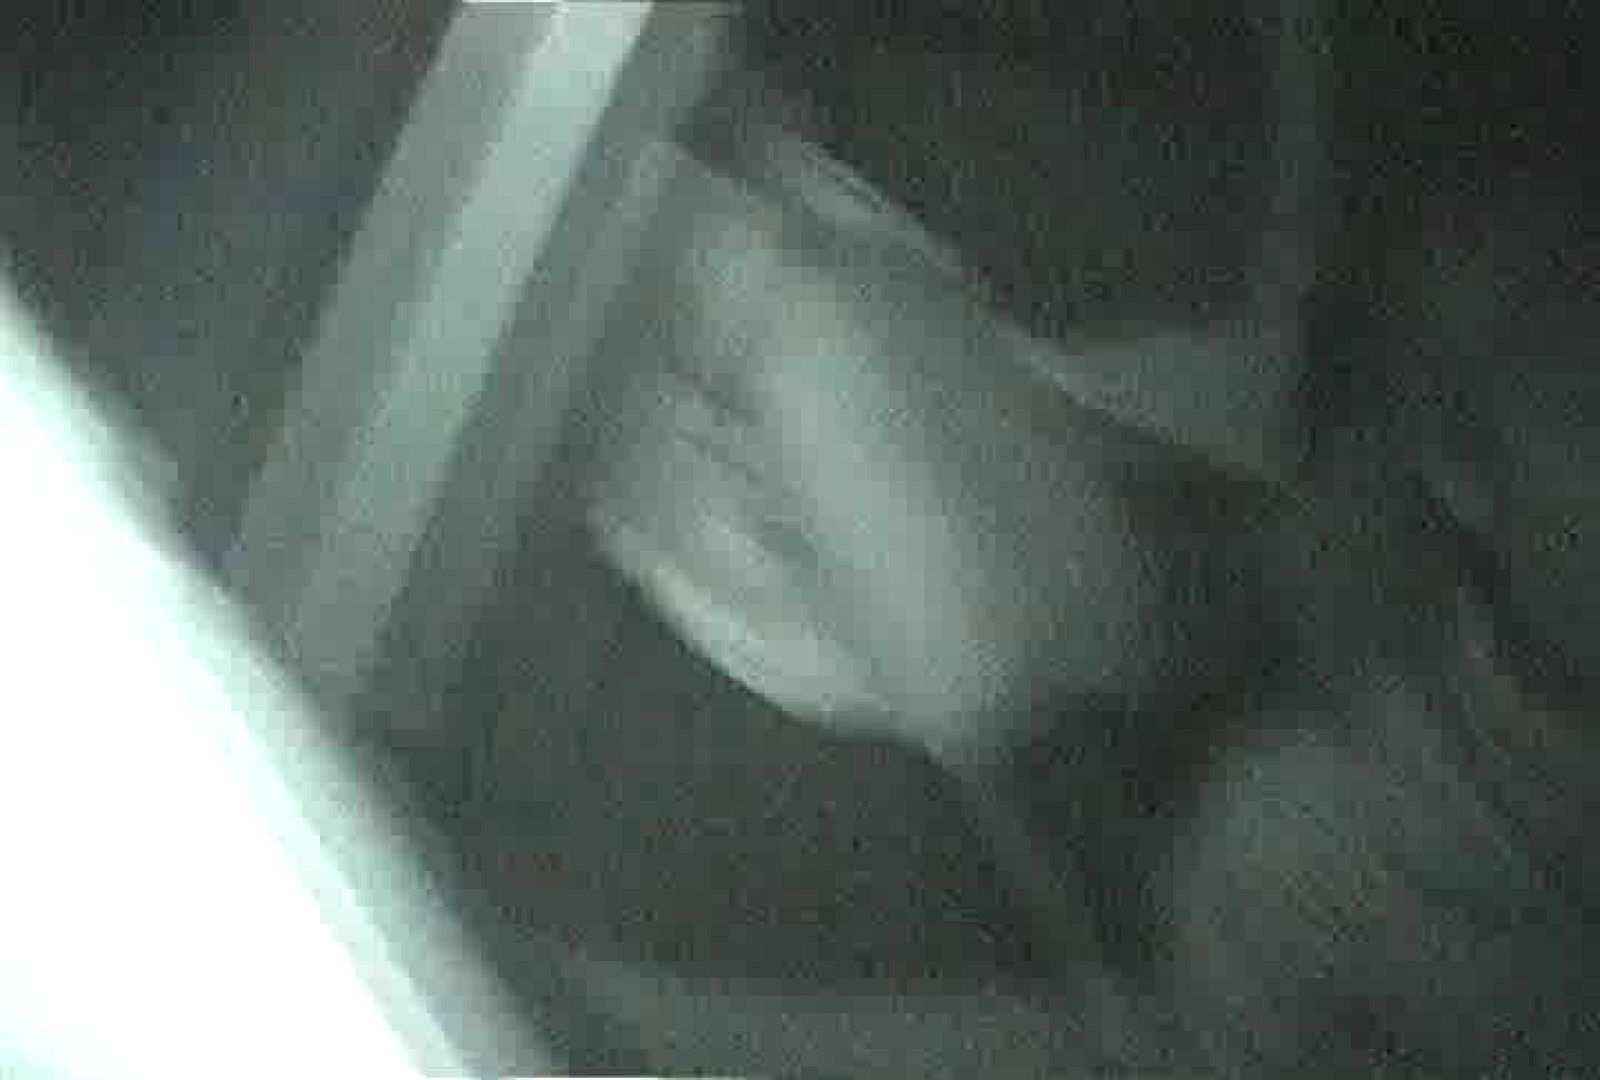 充血監督の深夜の運動会Vol.76 おまんこ無修正 盗み撮り動画 104pic 39